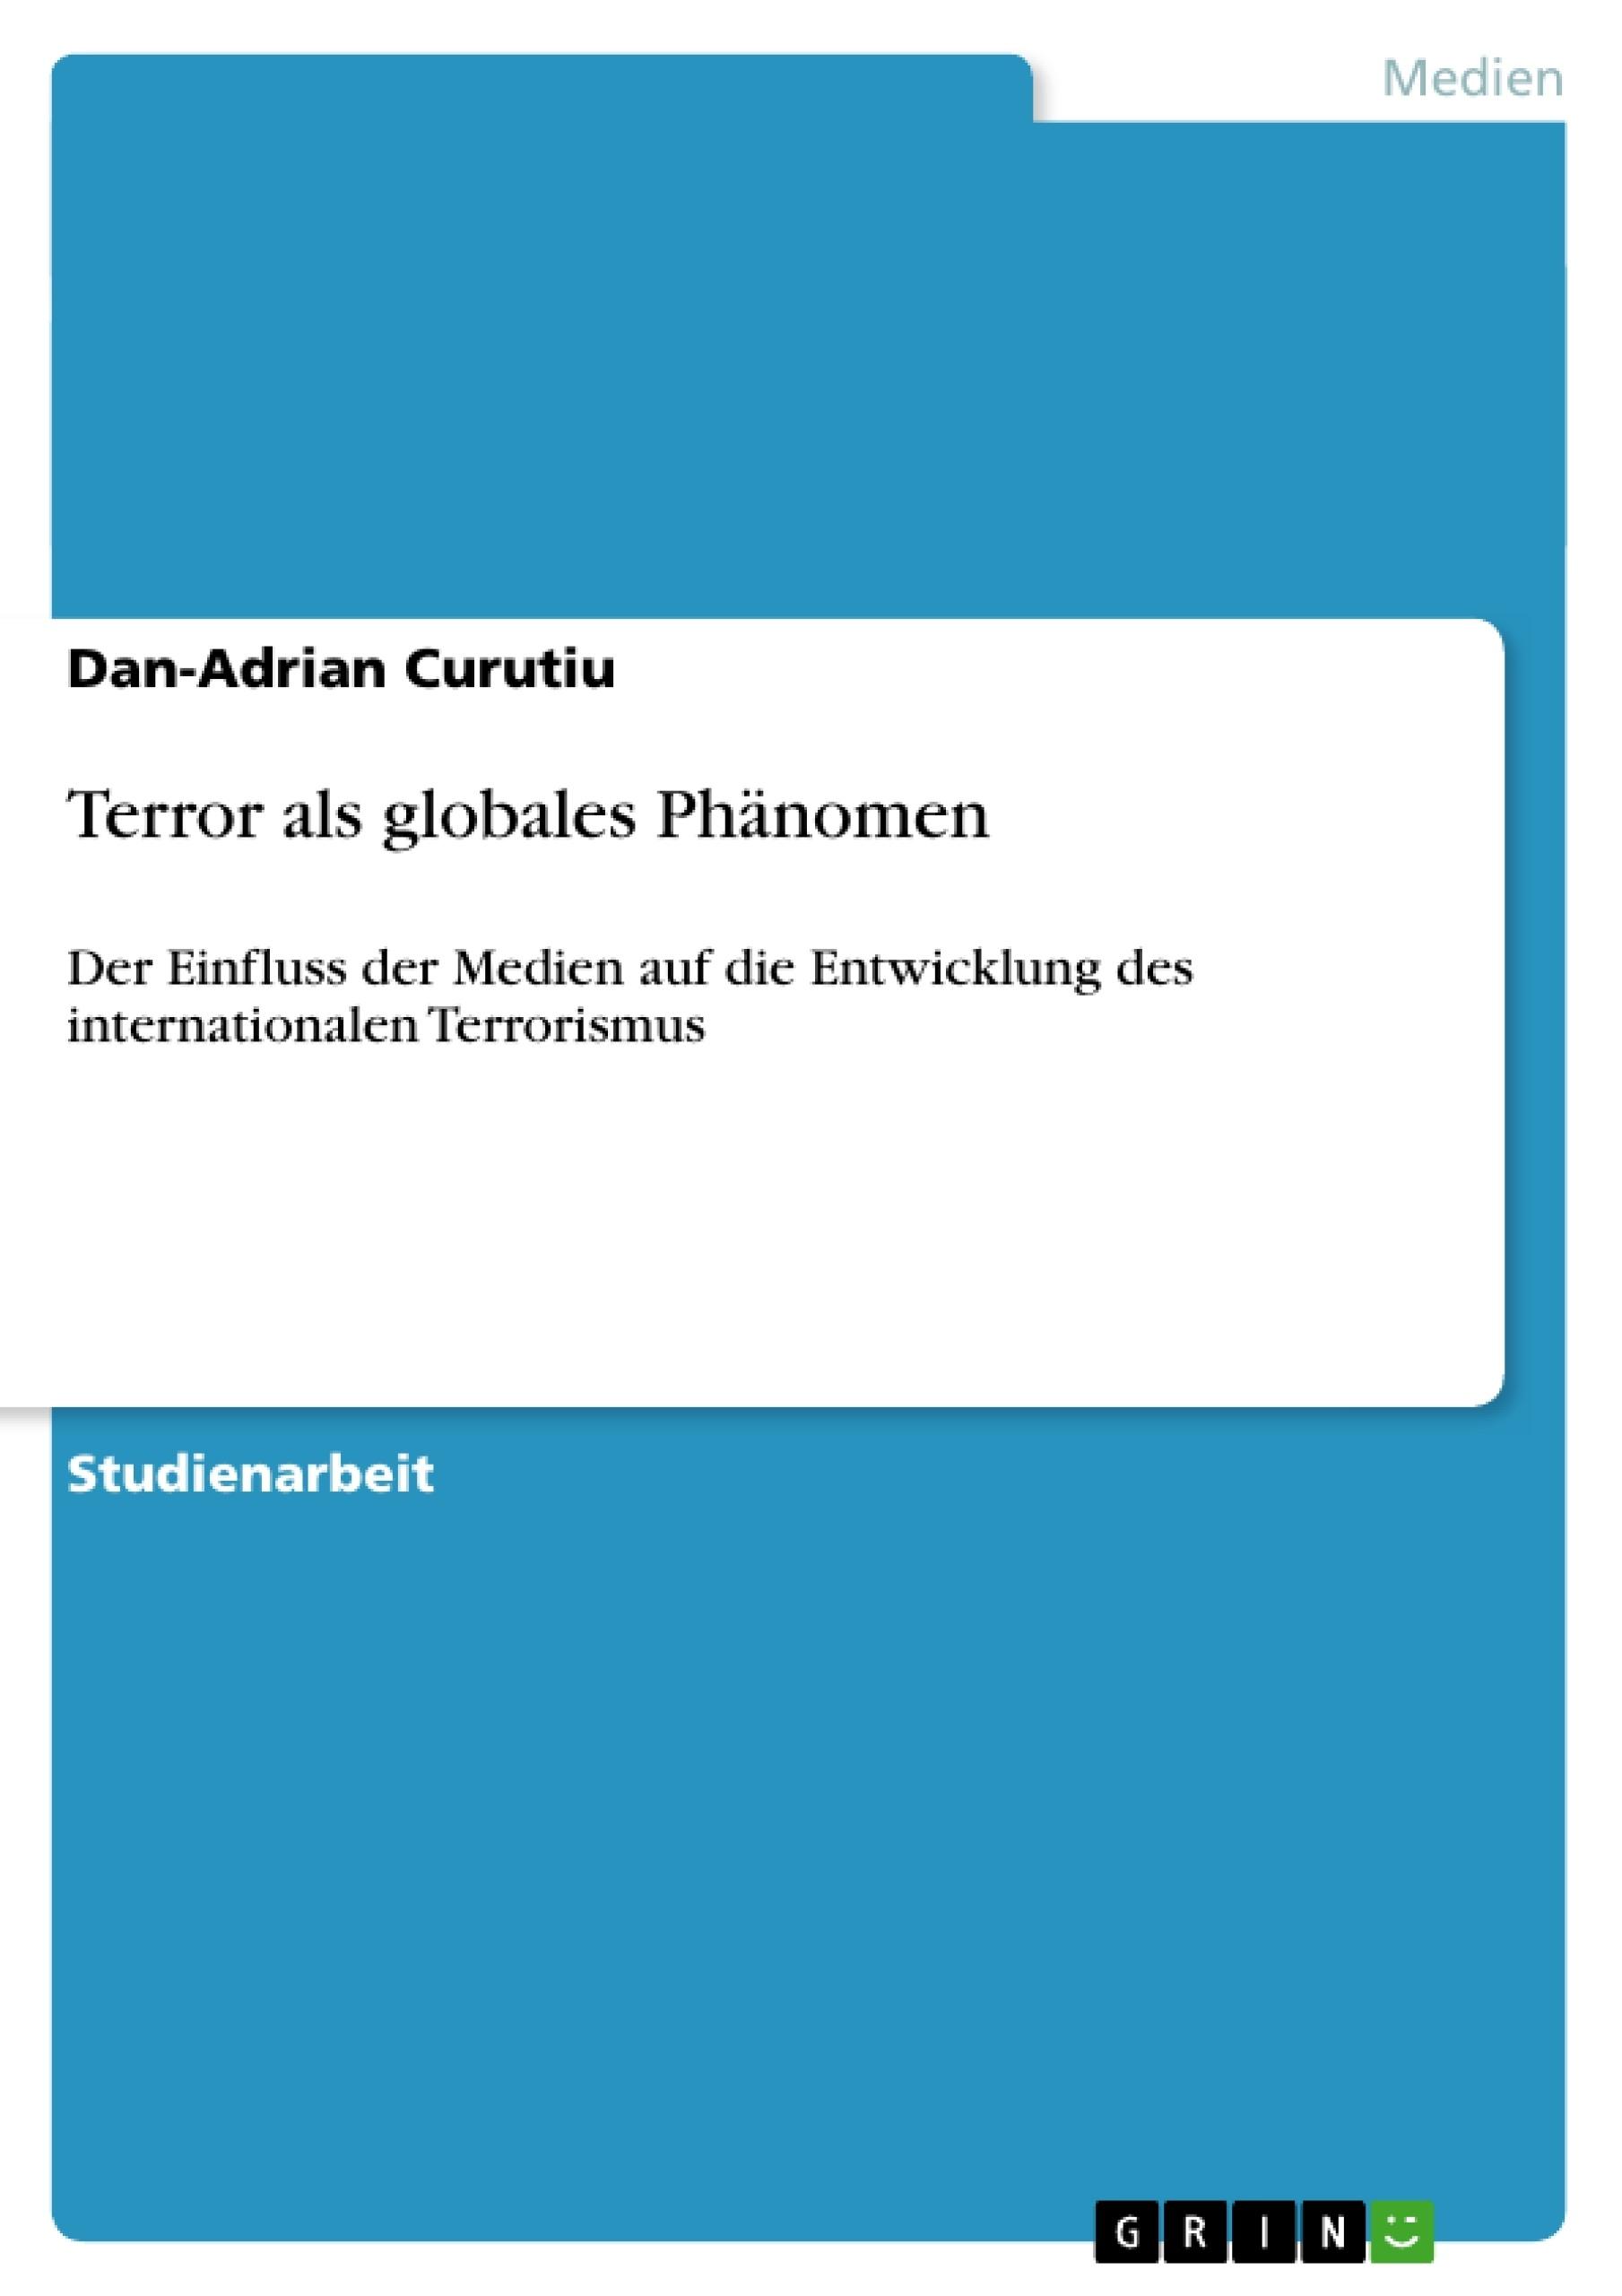 Titel: Terror als globales Phänomen